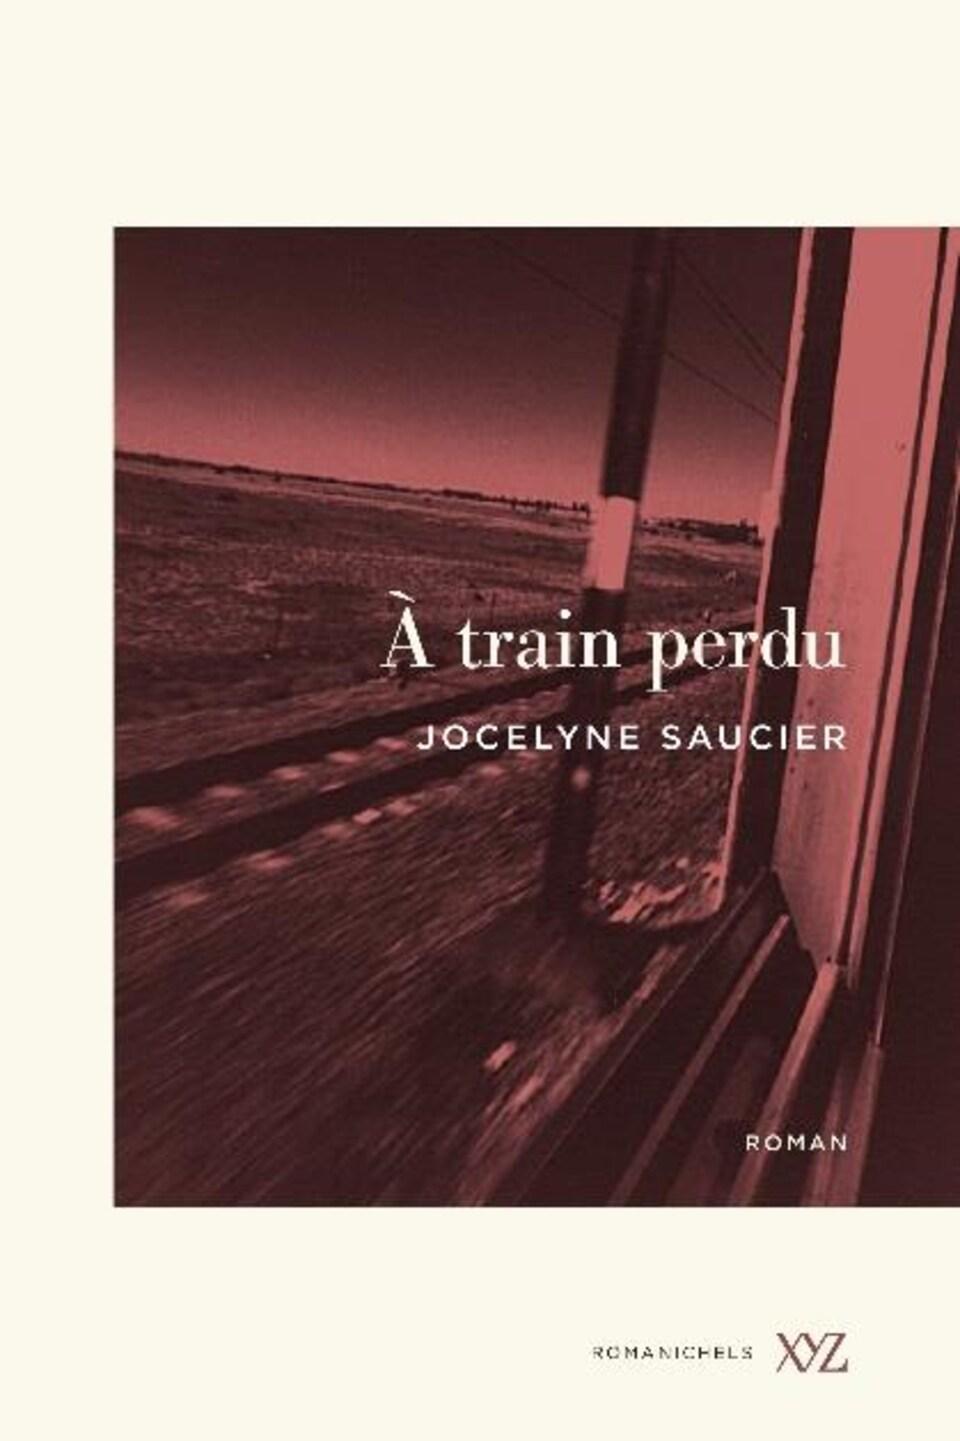 Couverture de livre qui montre la vue depuis la fenêtre d'un train.